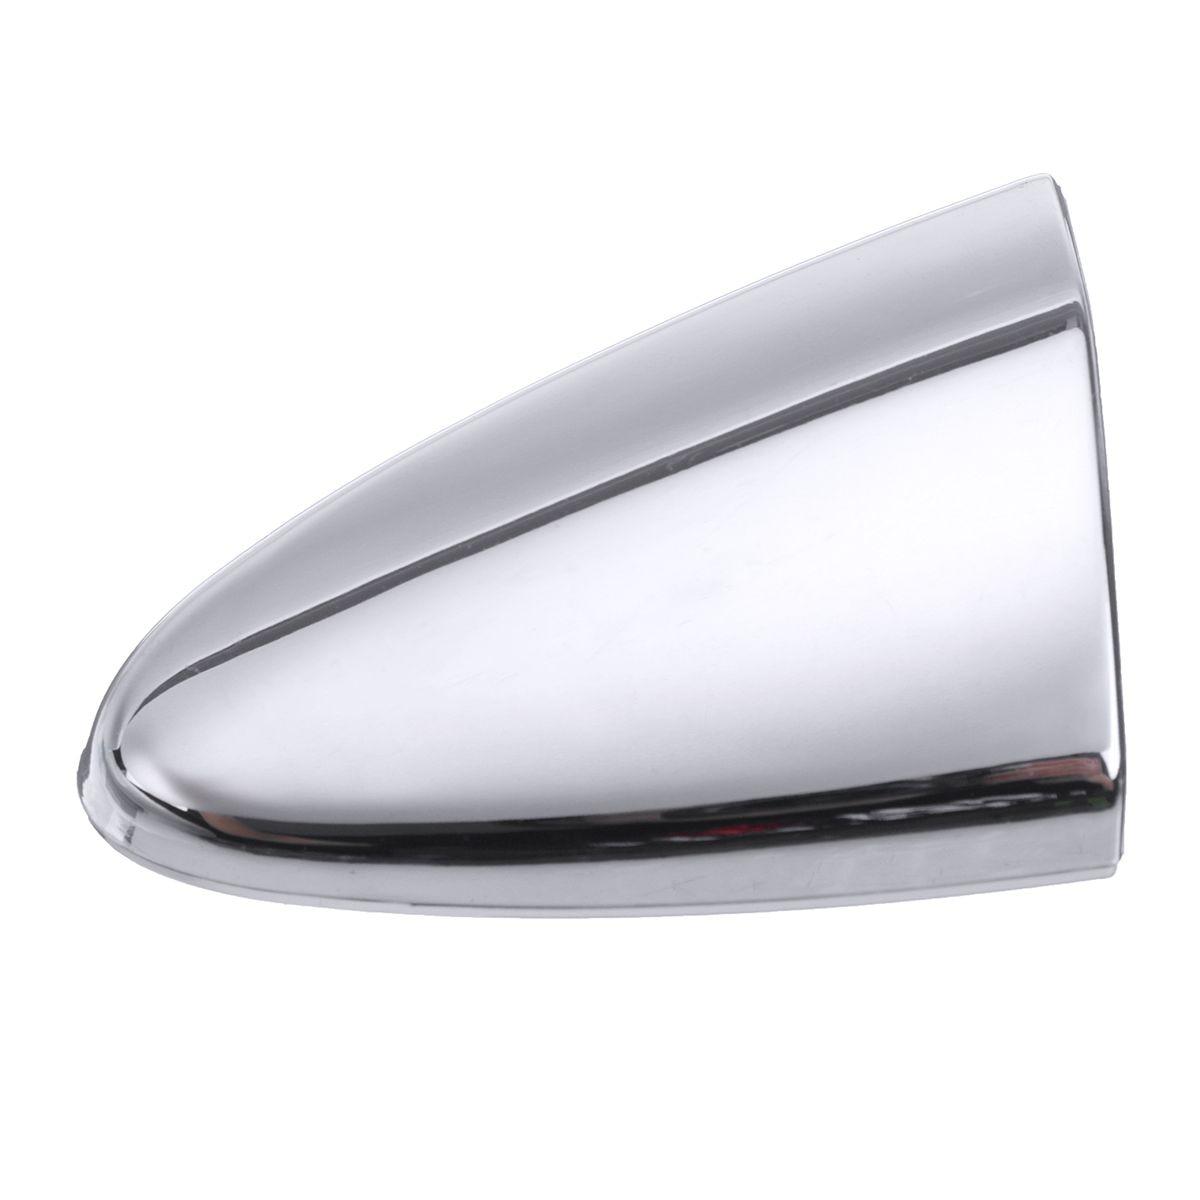 LEXUS OEM FACTORY DRIVERS SIDE FRONT DOOR HANDLE CAP 2007-2012 ES350